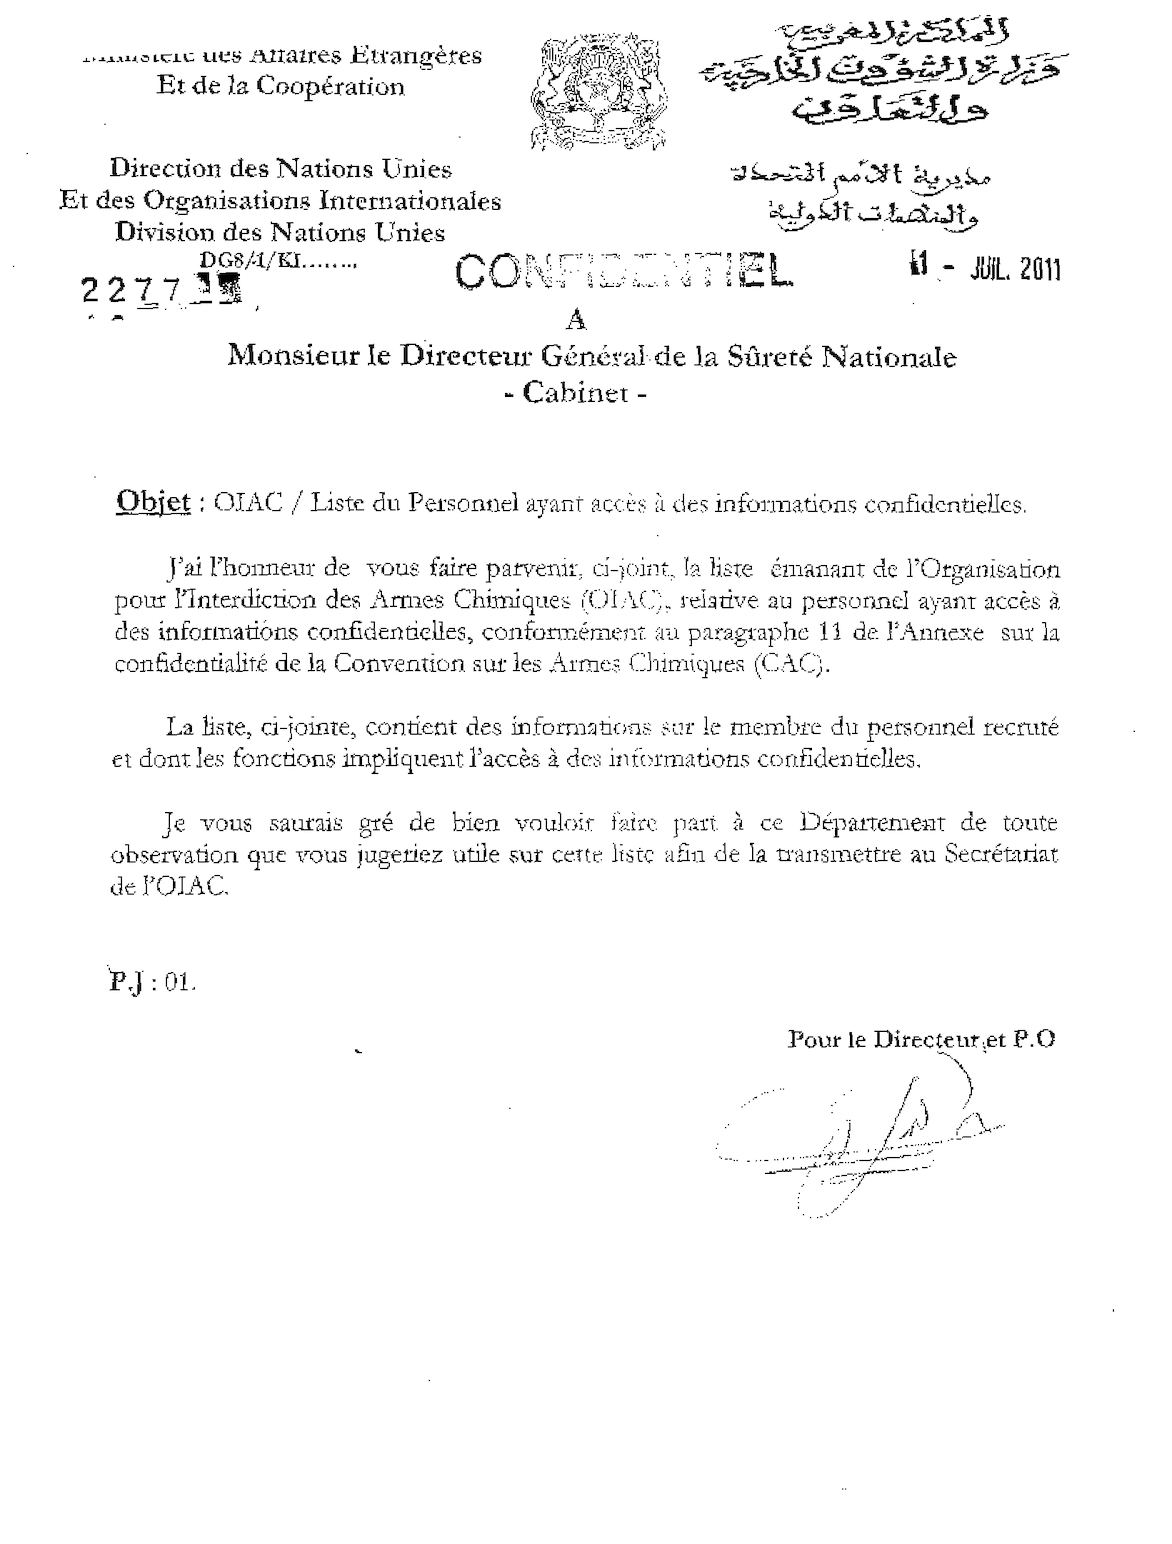 2277 Sureté Nationale